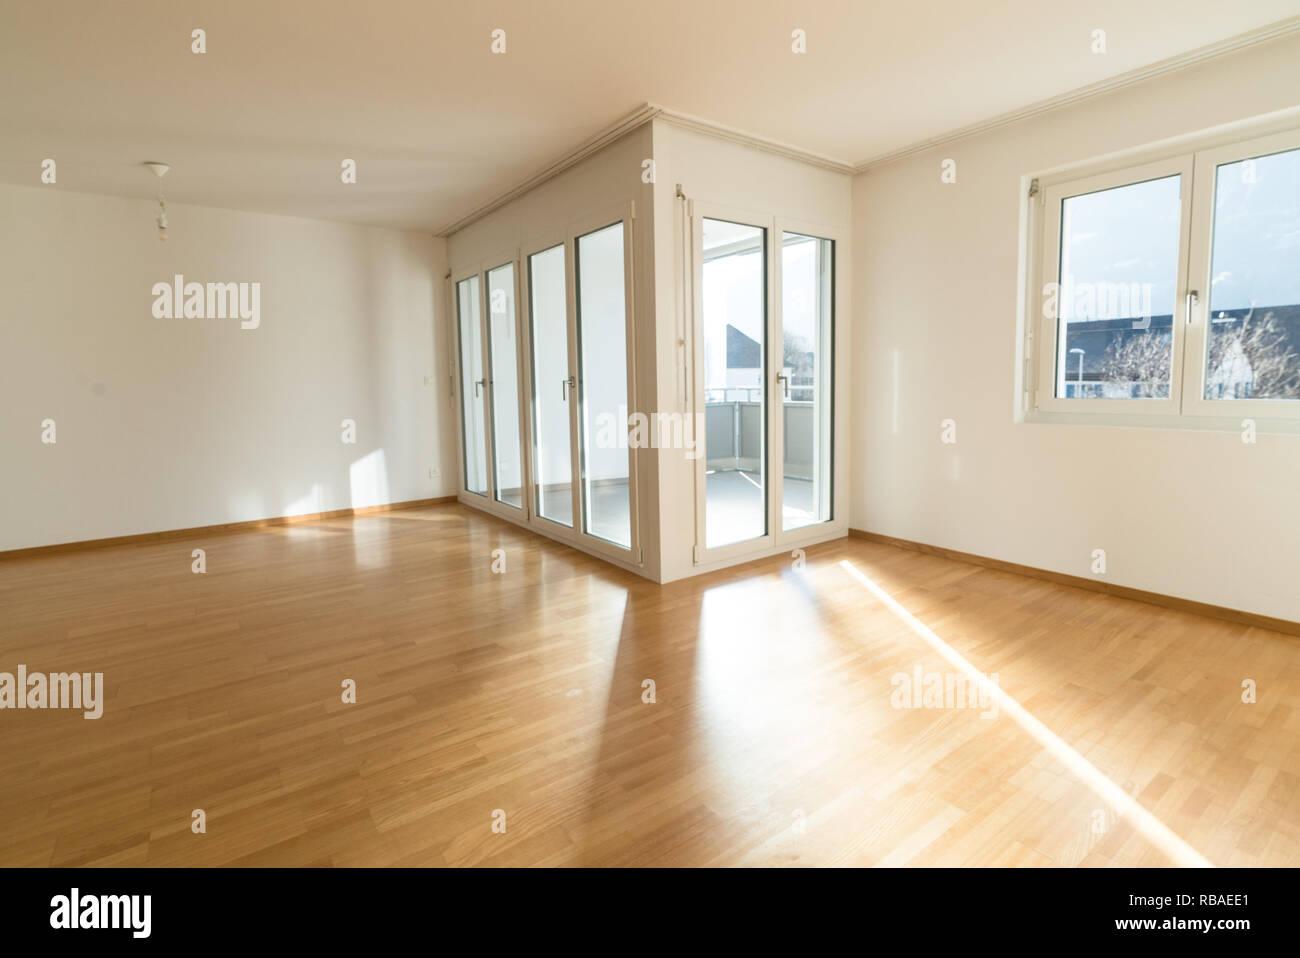 Neuen Hellen Wohnzimmer In Eine Leere Wohnung Mit Franzosischen